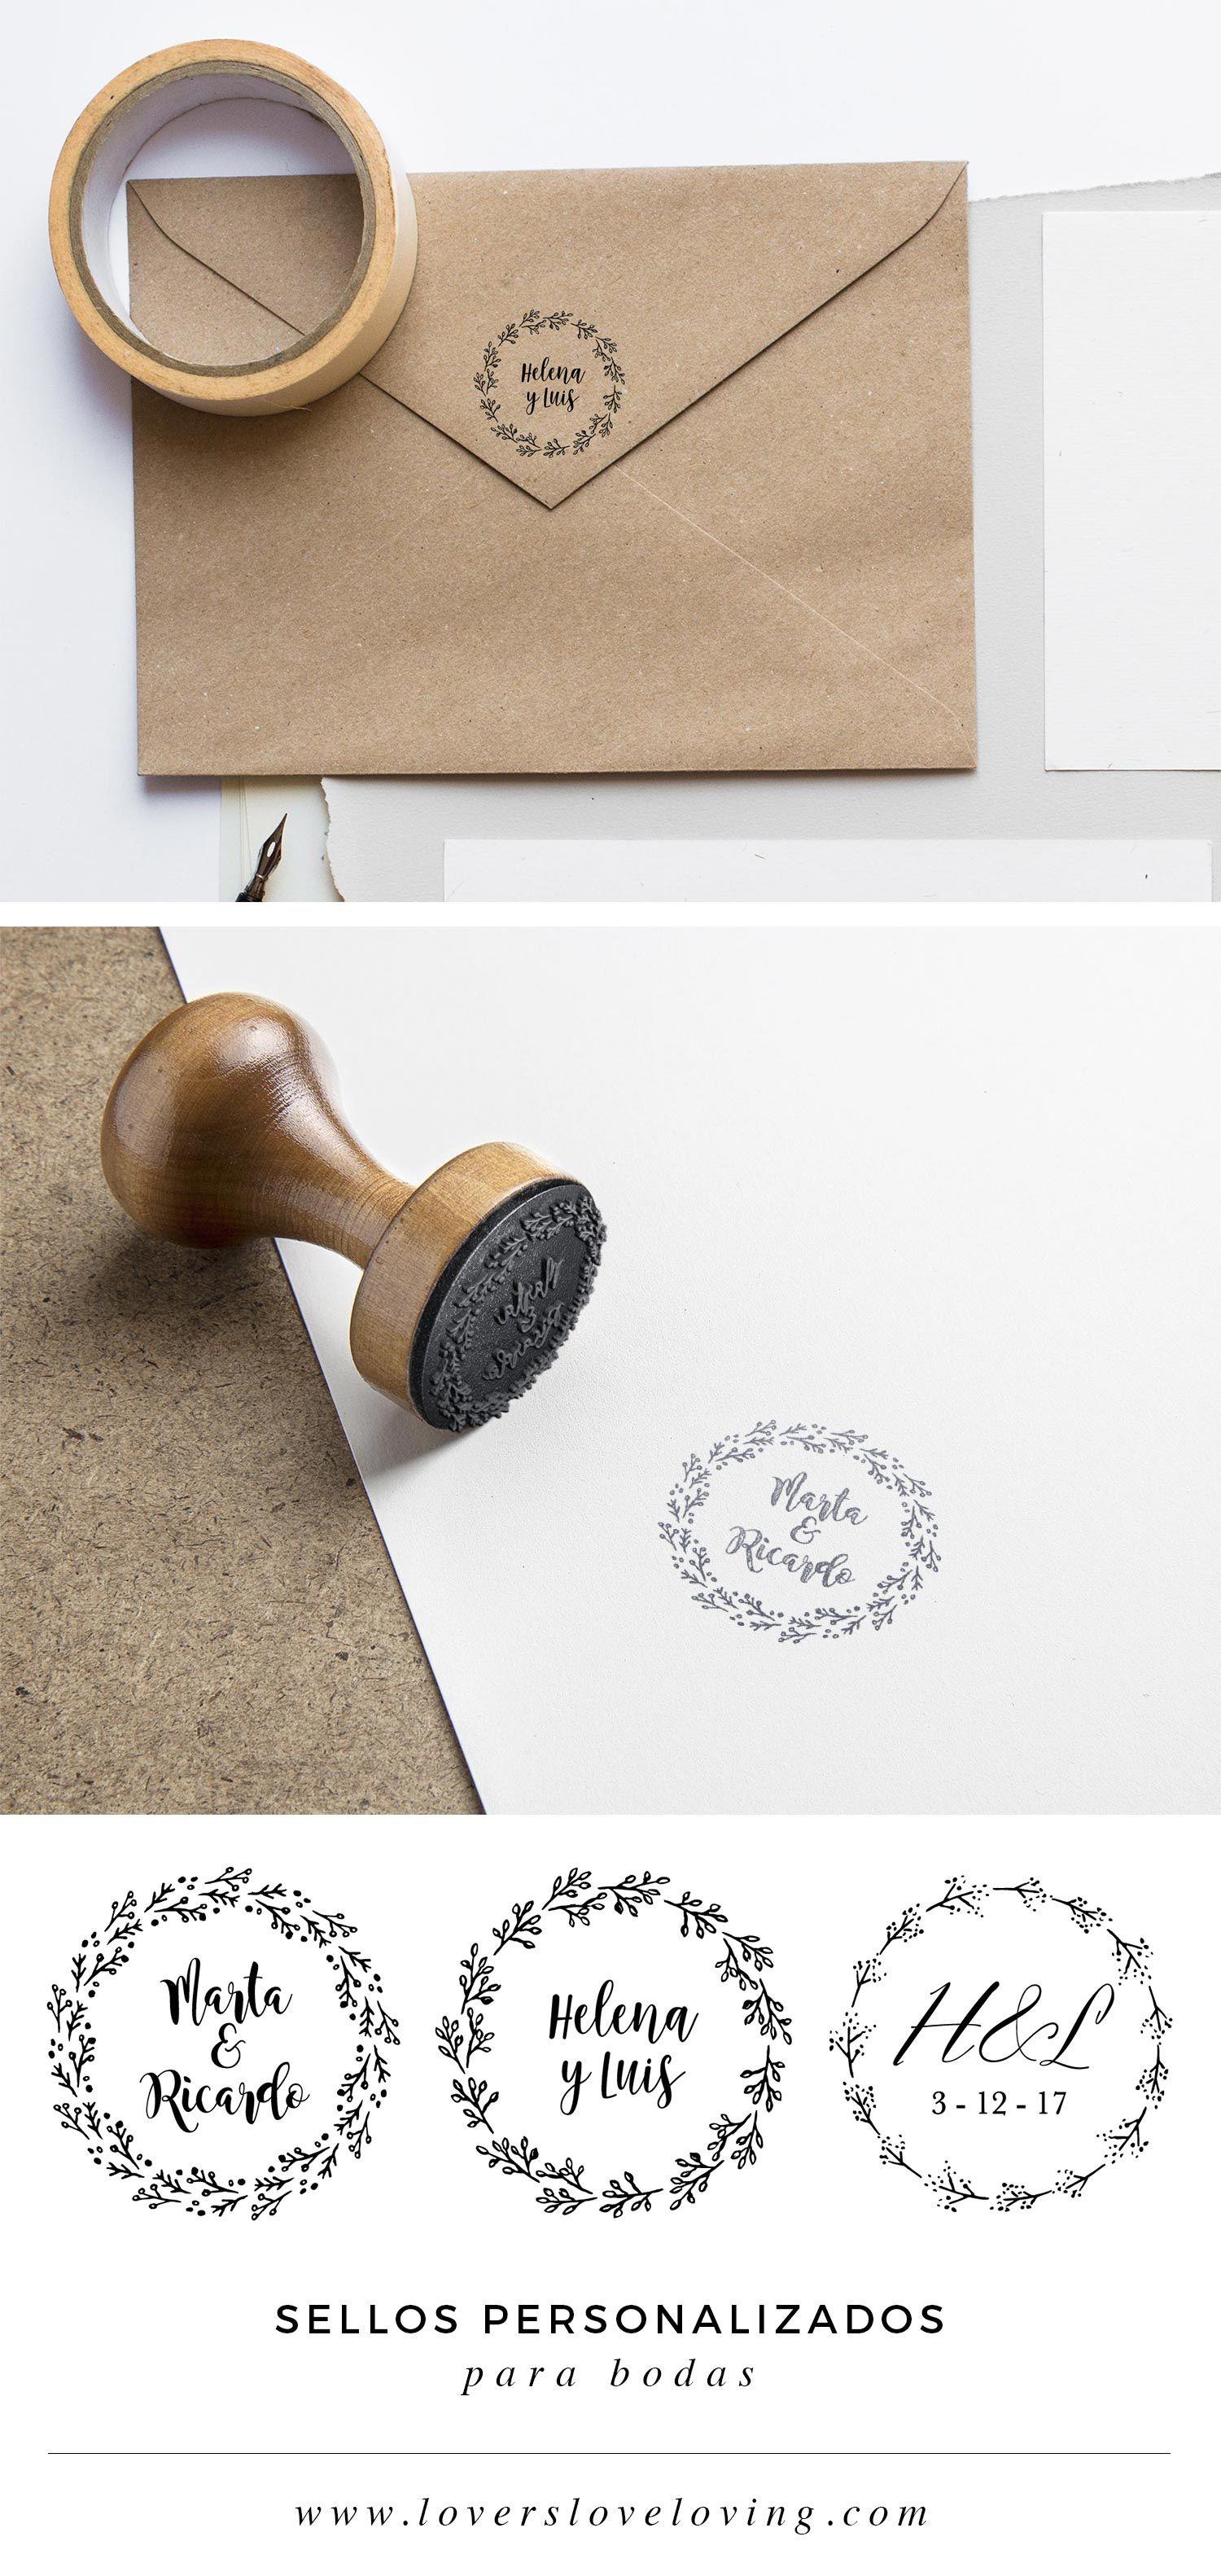 Wedding Logo SELLO CAUCHO BODA Sello boda personalizado Wedding Stamps Sellos boda